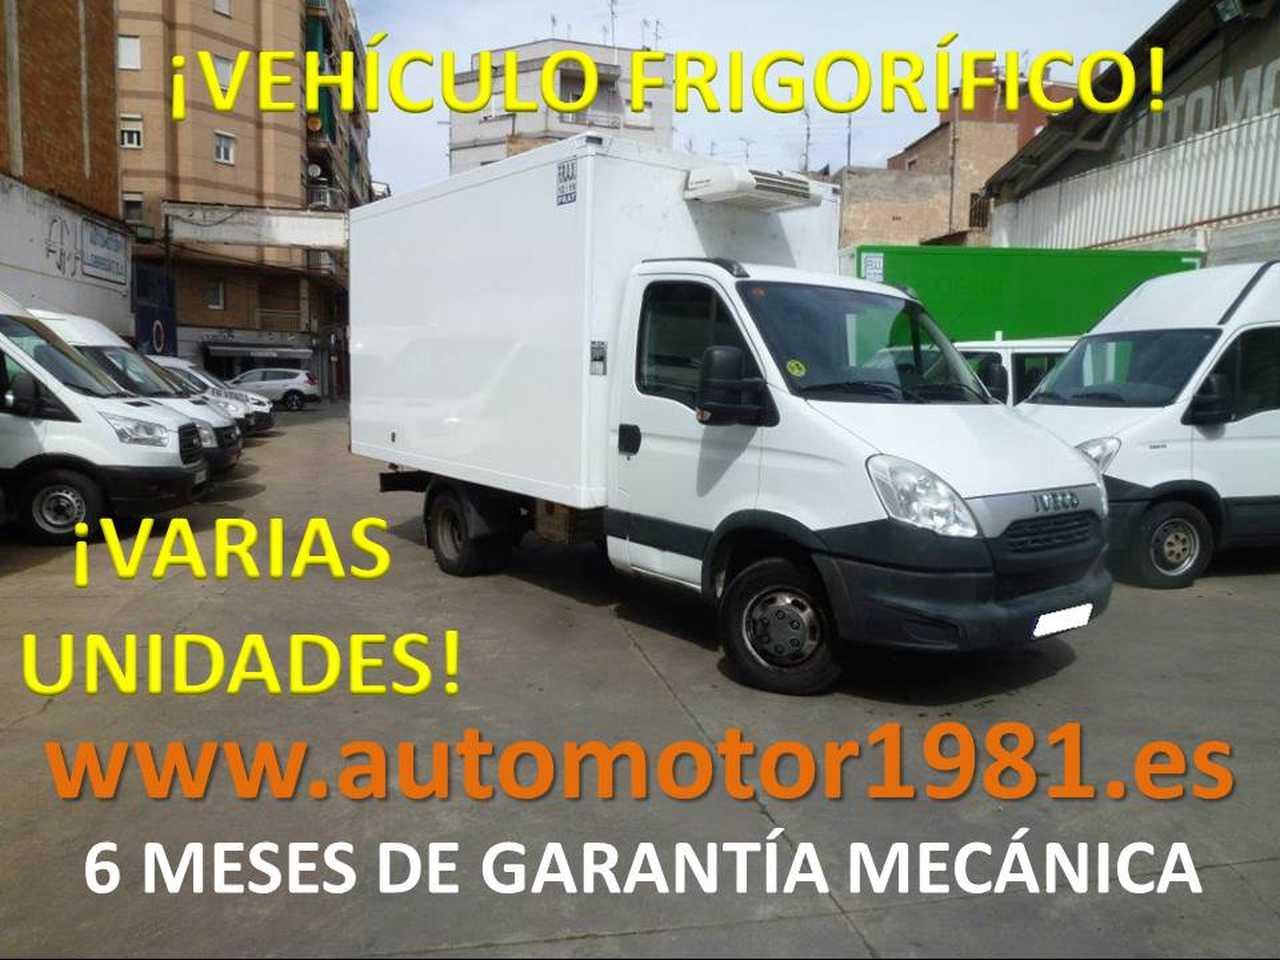 Iveco Daily 35C13 FRIGORIFICO - 6 MESES GARANTIA MECANICA  - Foto 1